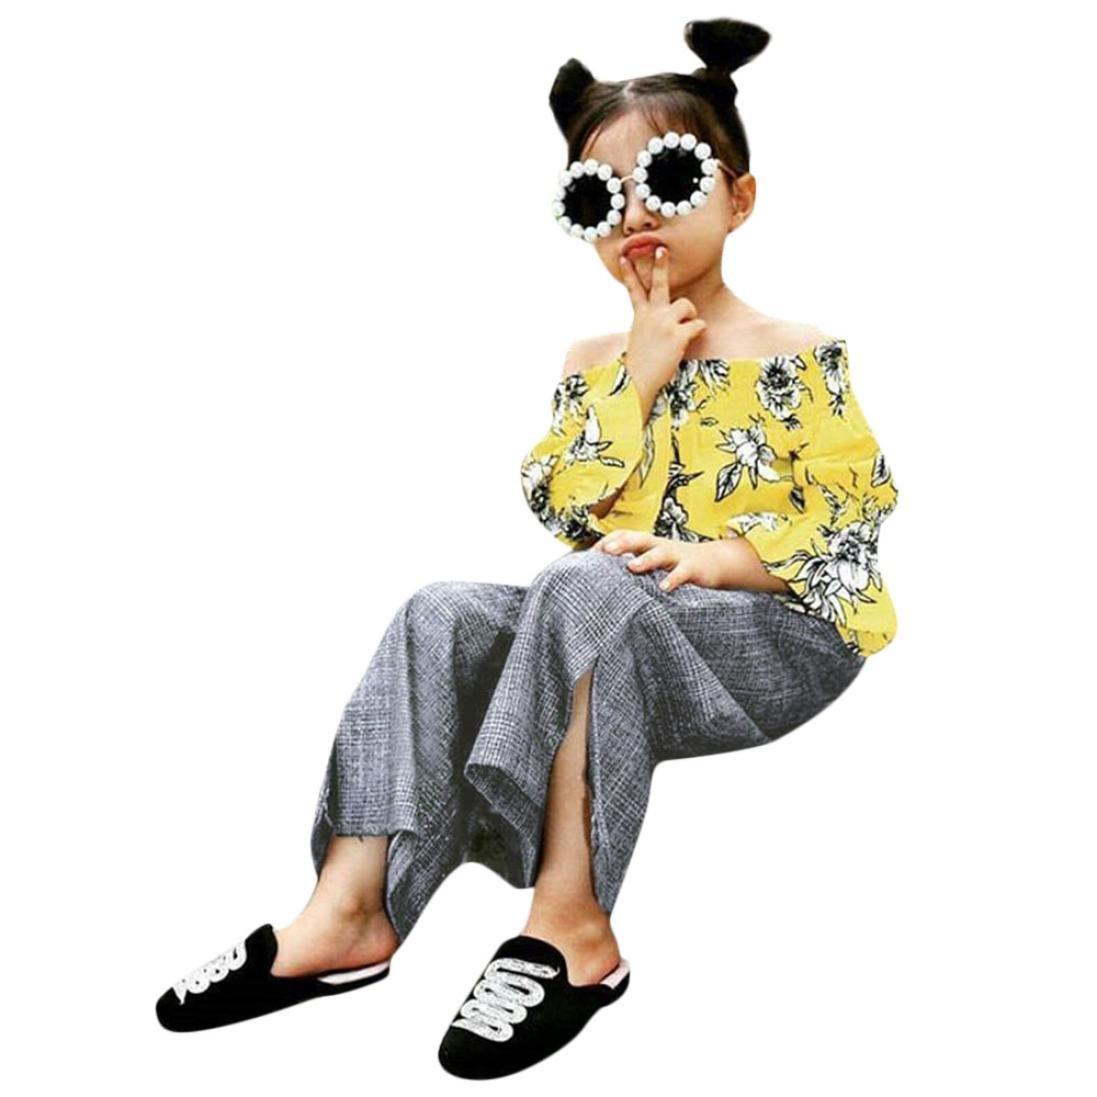 【楽天最安値に挑戦】 Dinlong Clothing Set DRESS DRESS B07F1FS945 ベビーガールズ 4-5 Set Years イエロー B07F1FS945, ビースタービー:b52a13db --- albertlynchs.com